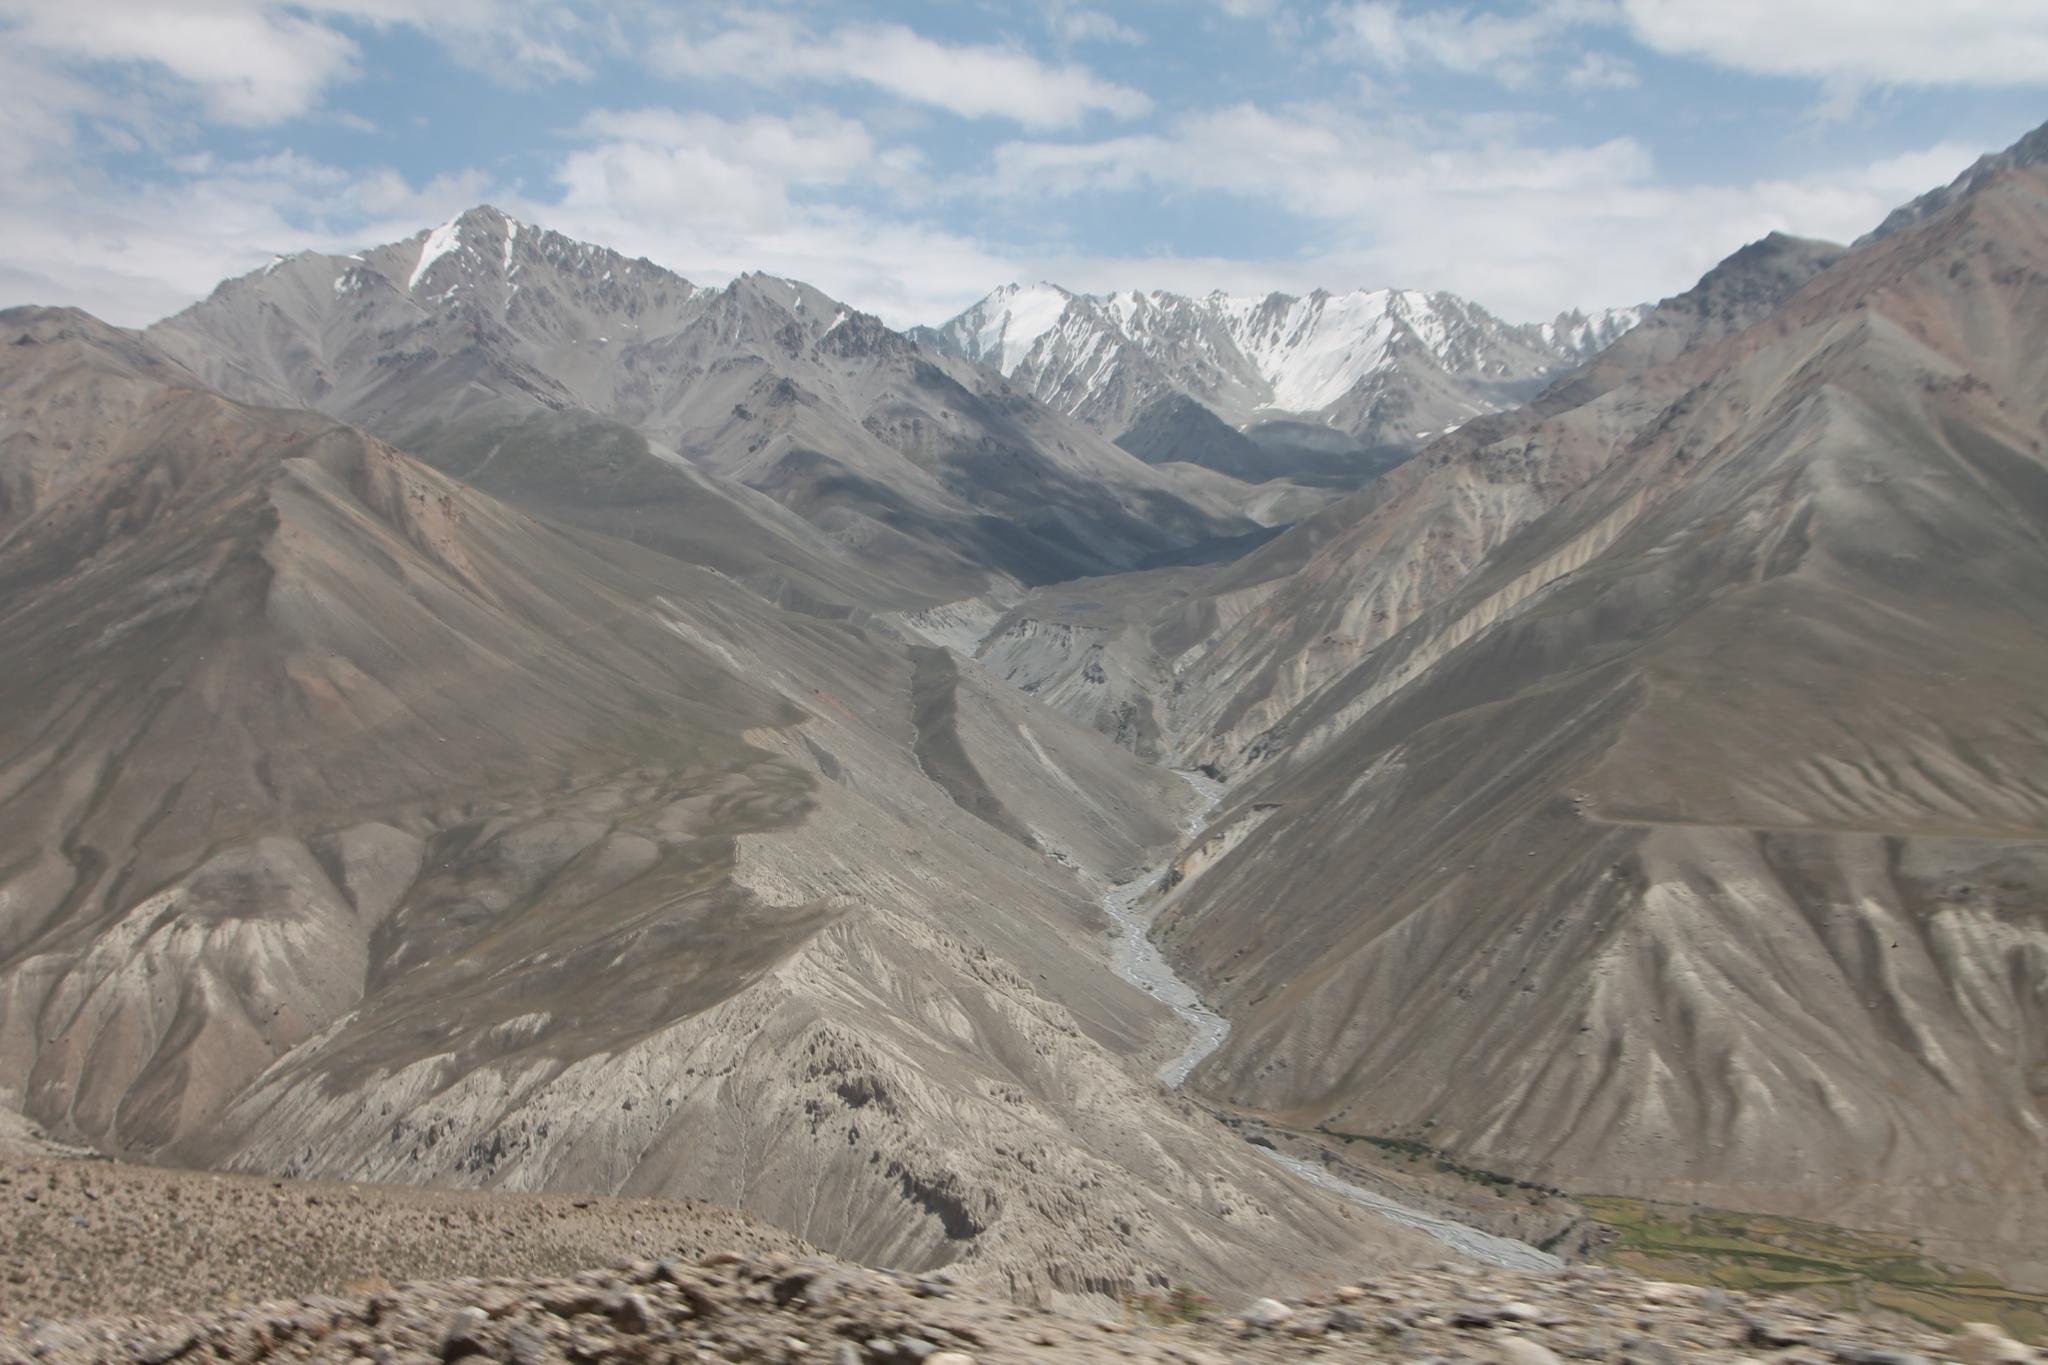 maurice thiney,aventure,exploration,monde,voyages,peuples oubliés,népal,explorateur,société des explorateurs français,pamir,tadjikistan